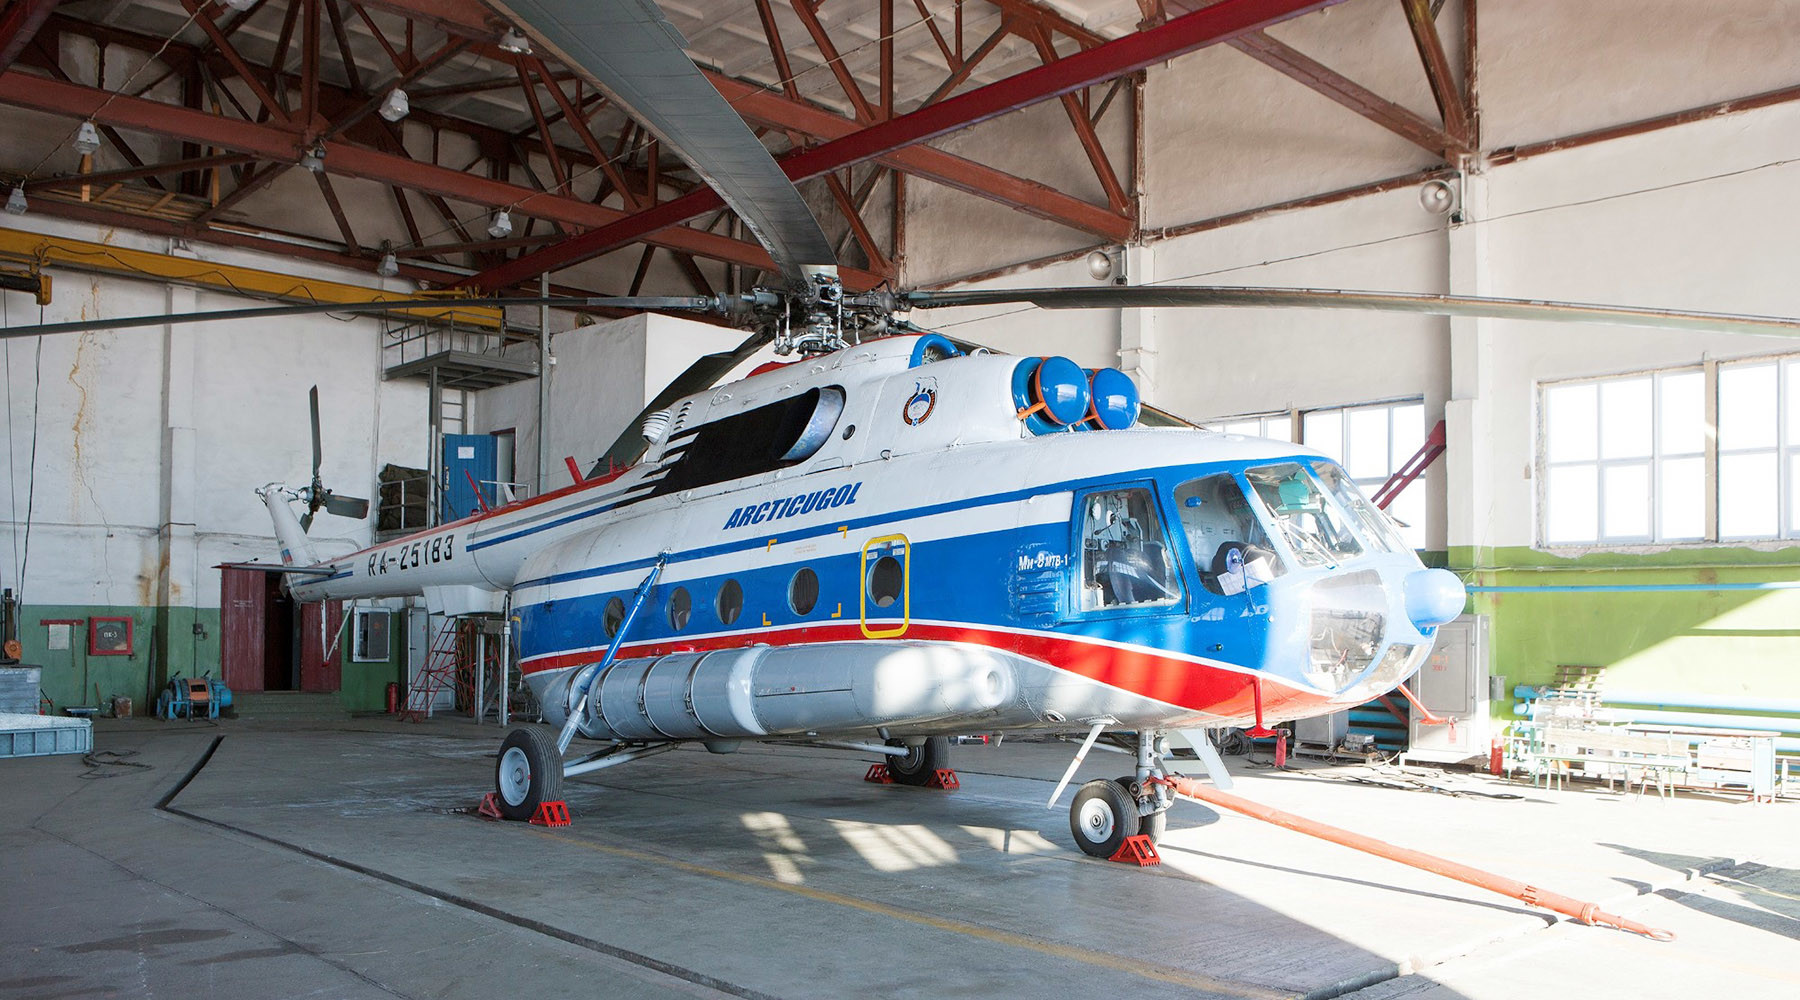 Спасатели обнаружили возможное место крушения Ми-8 в Гренландском море